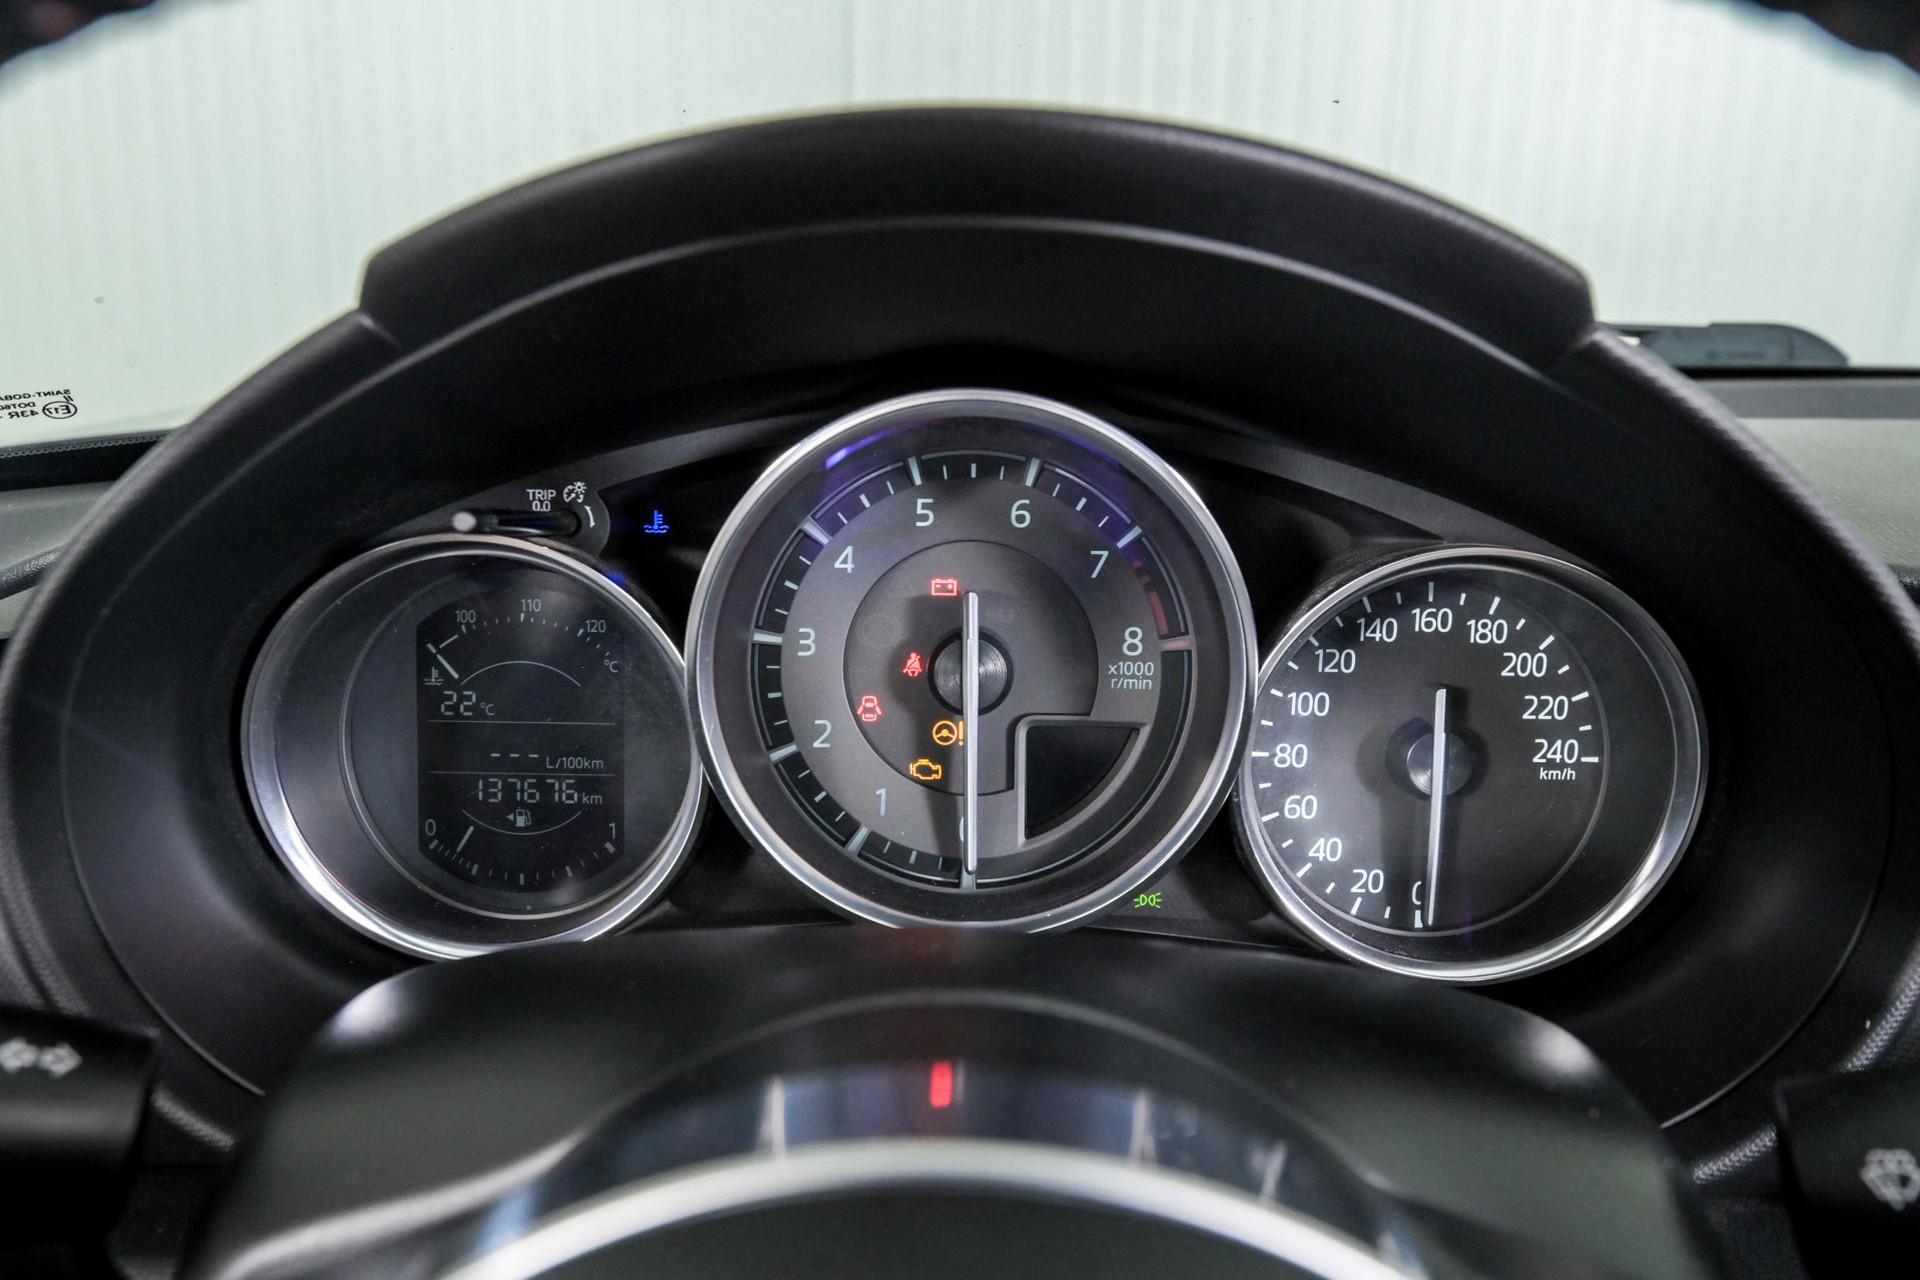 Mazda MX-5 1.5 SkyActiv-G 131 S Foto 19